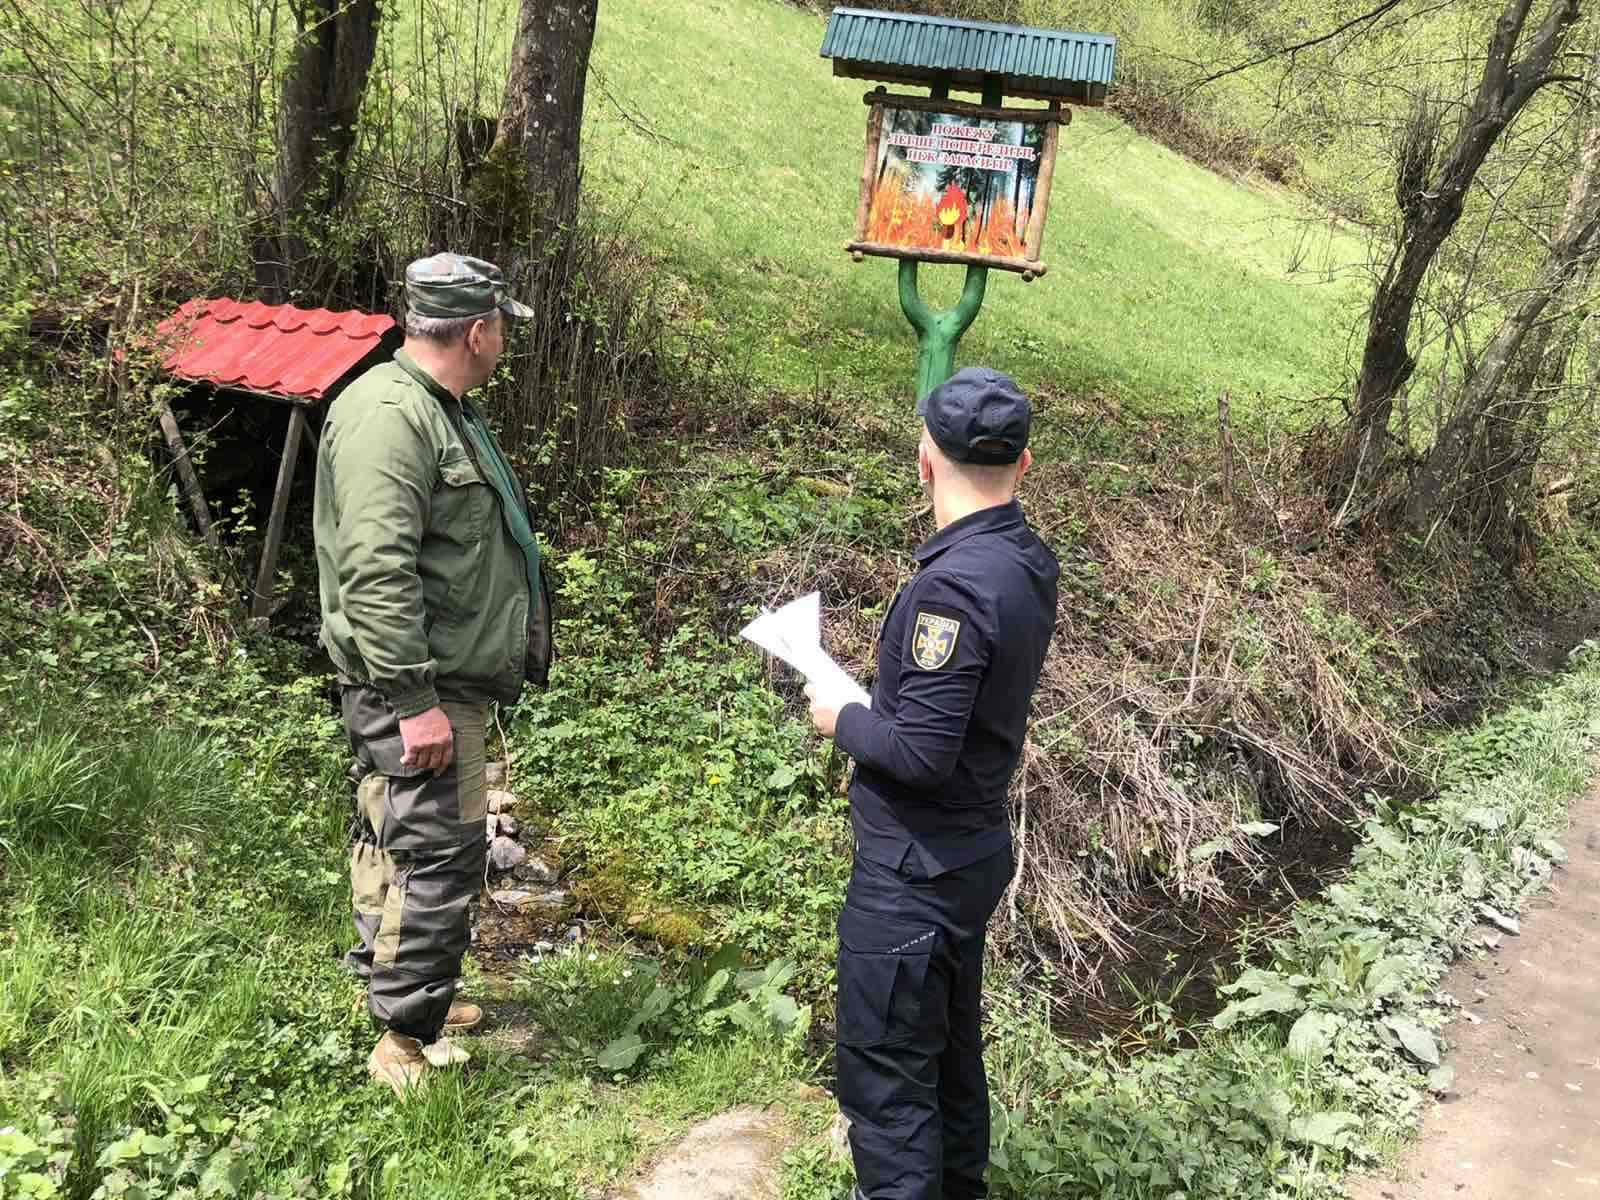 Рятувальники спільно з представниками об'єднаних територіальних громад та лісниками продовжують інспектувати населені пункти, що межують з лісовими масивами на предмет належного протипожежного захисту